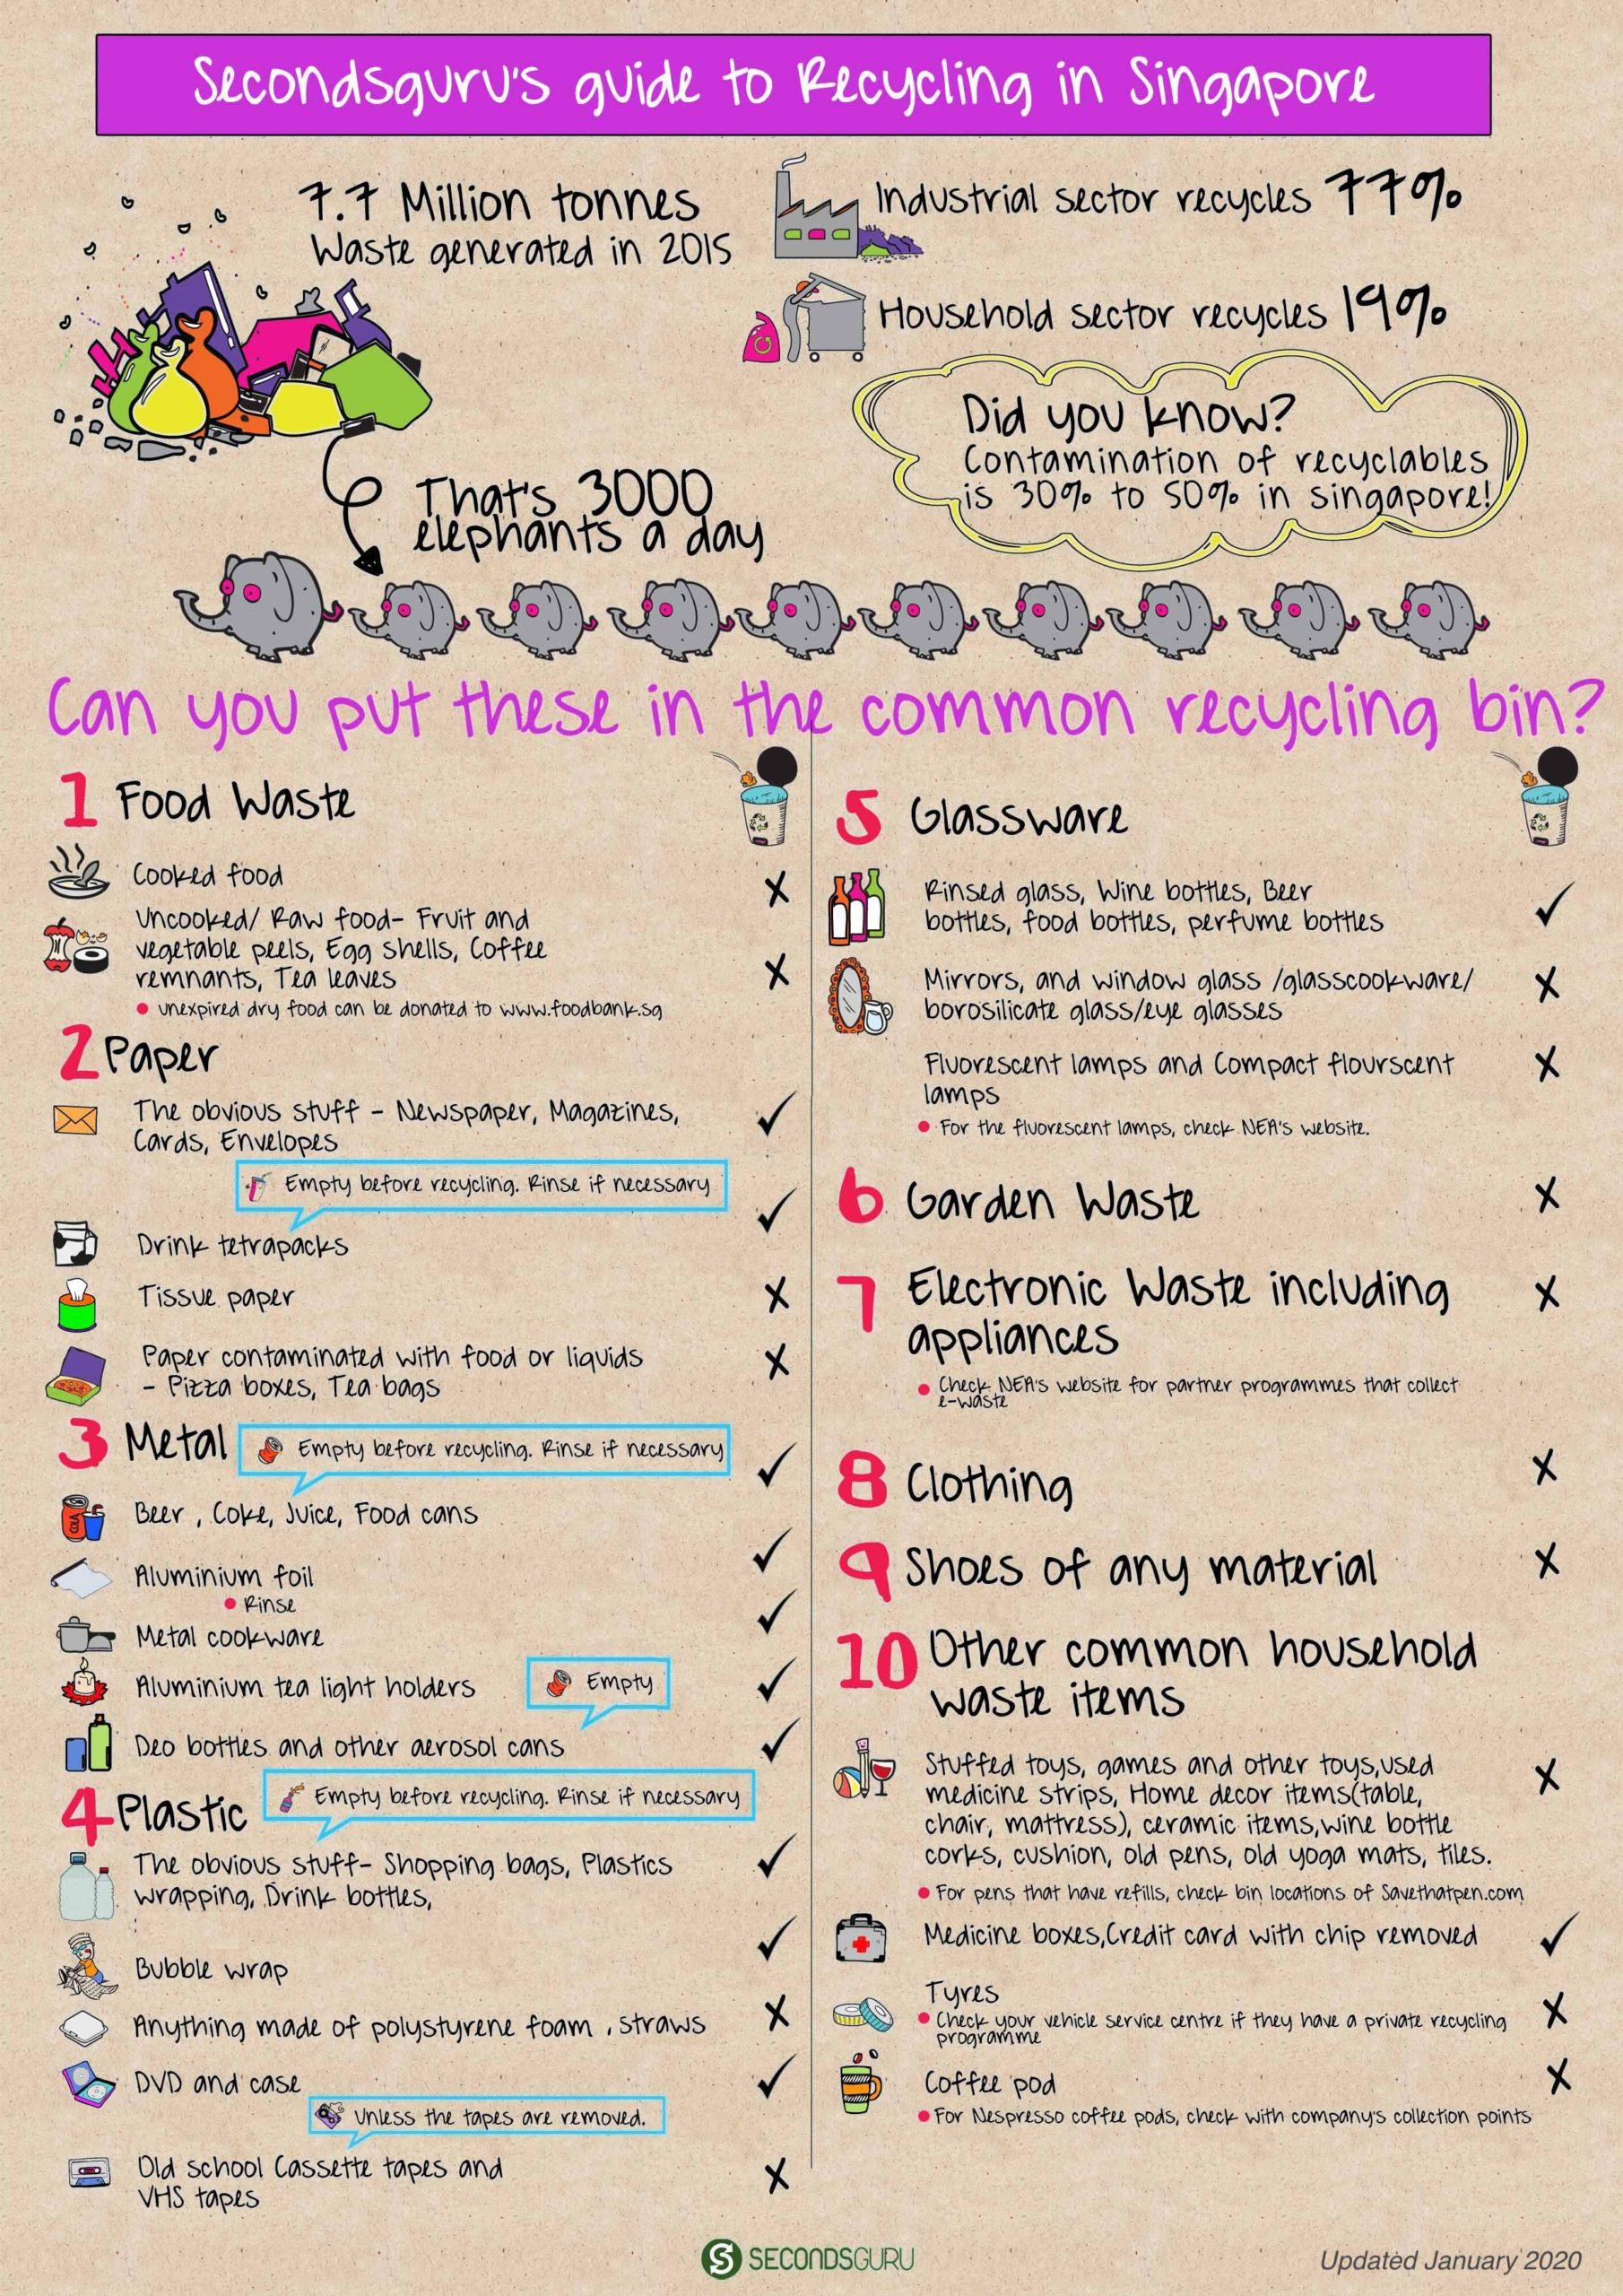 Secondsguru guide to recycling in Singapore